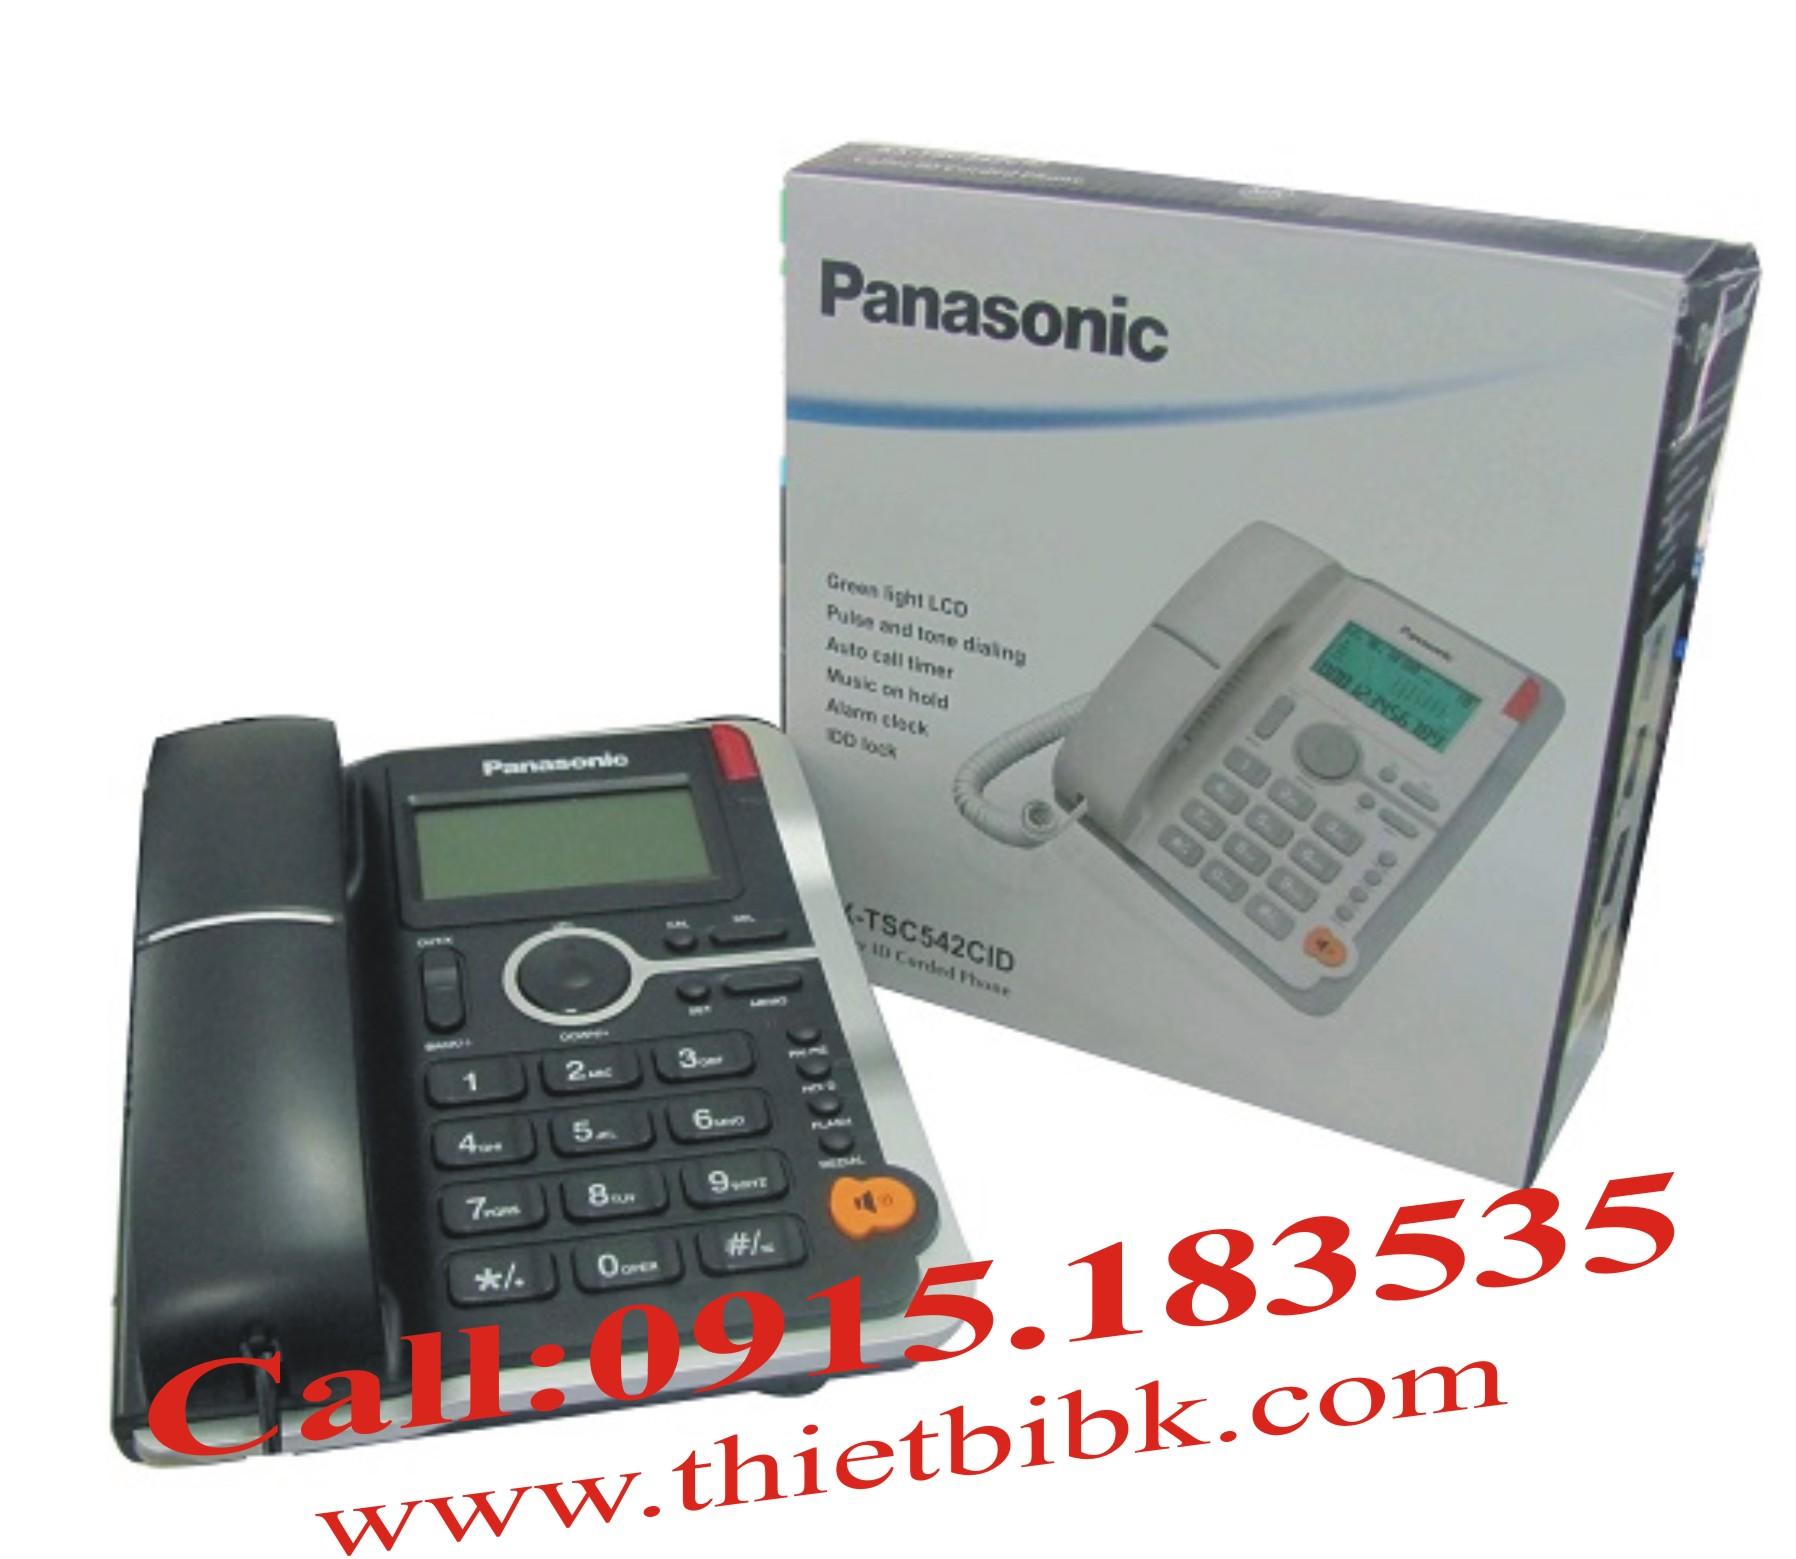 Điện thoại để bàn Panasonic KX-TSC -542CID